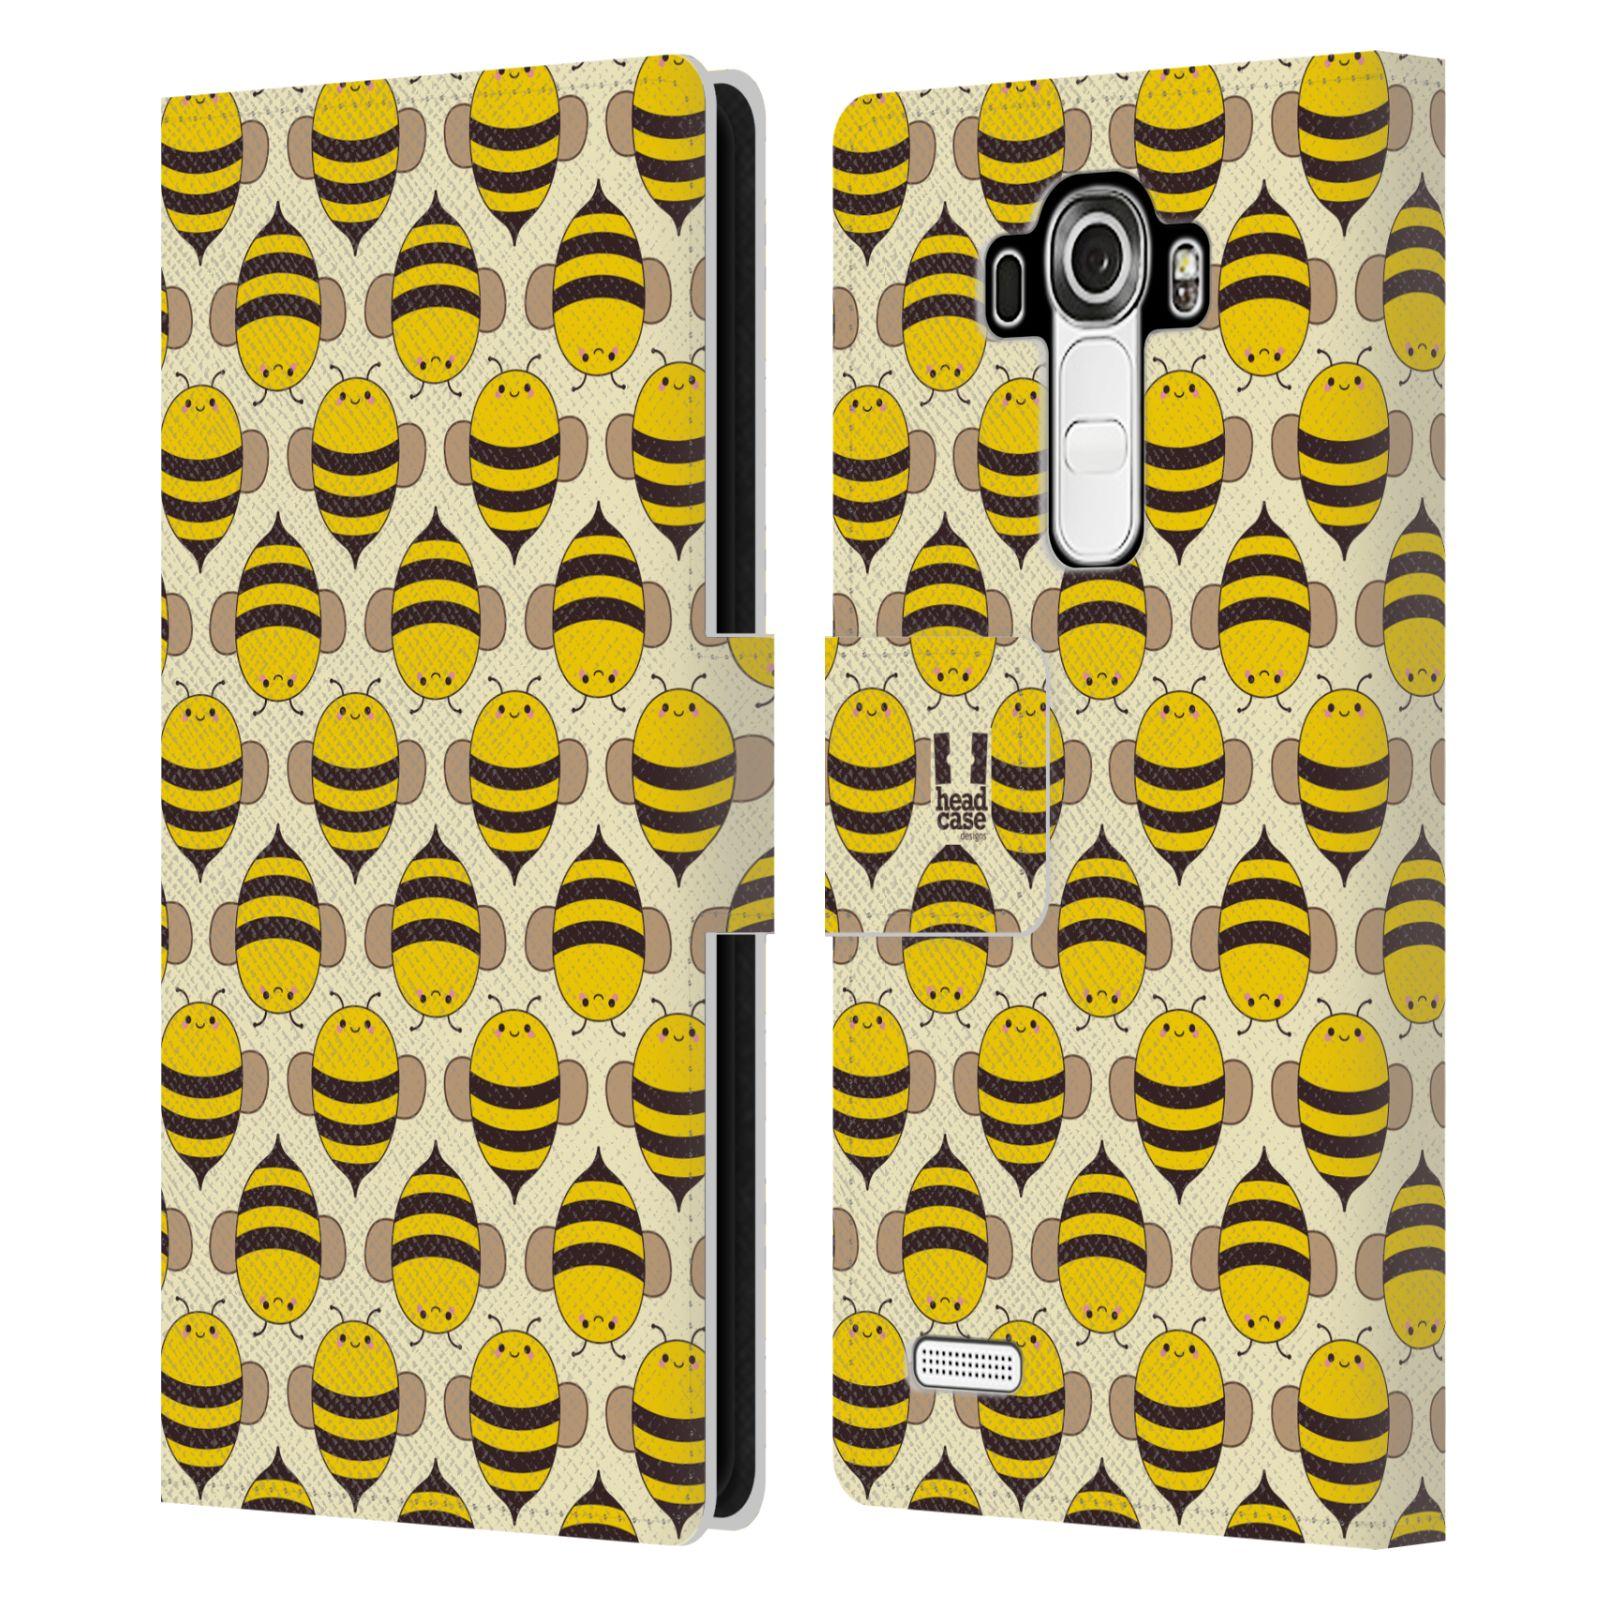 HEAD CASE Flipové pouzdro pro mobil LG G4 (H815) VČELÍ VZOR kolonie včelek